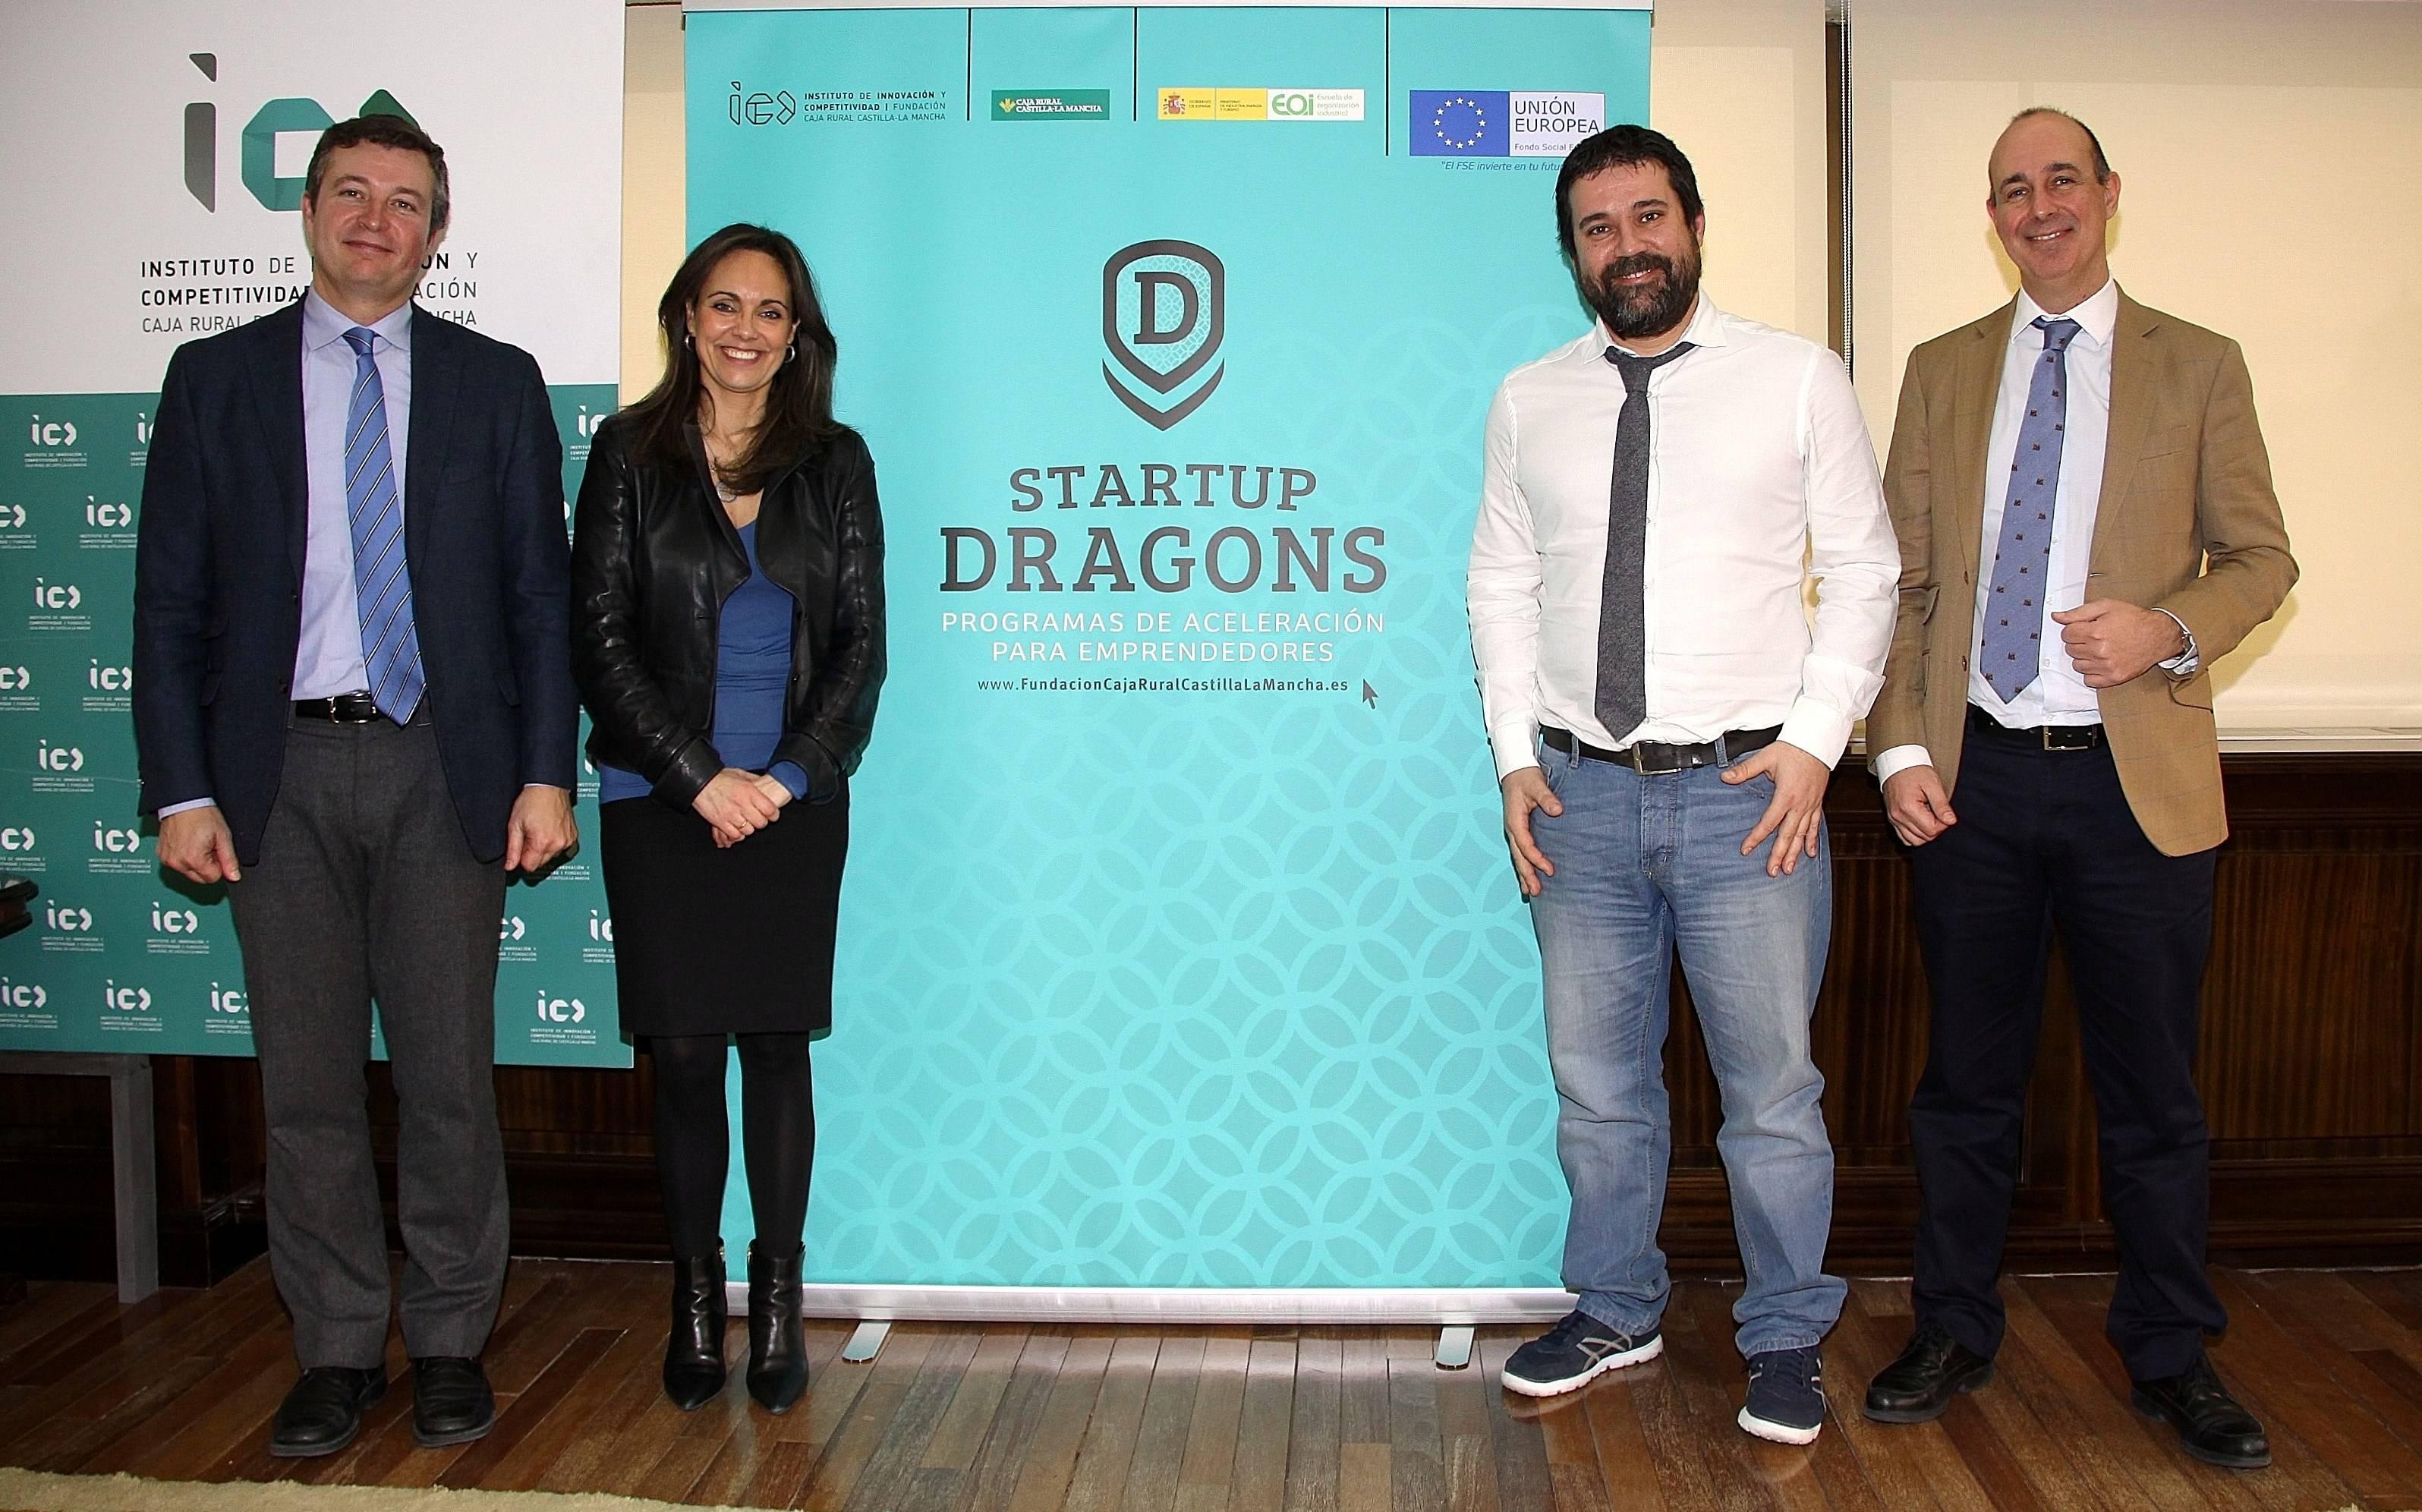 startup dragons - La Fundación Caja Rural Castilla-La Mancha busca emprendedores con alma de dragón